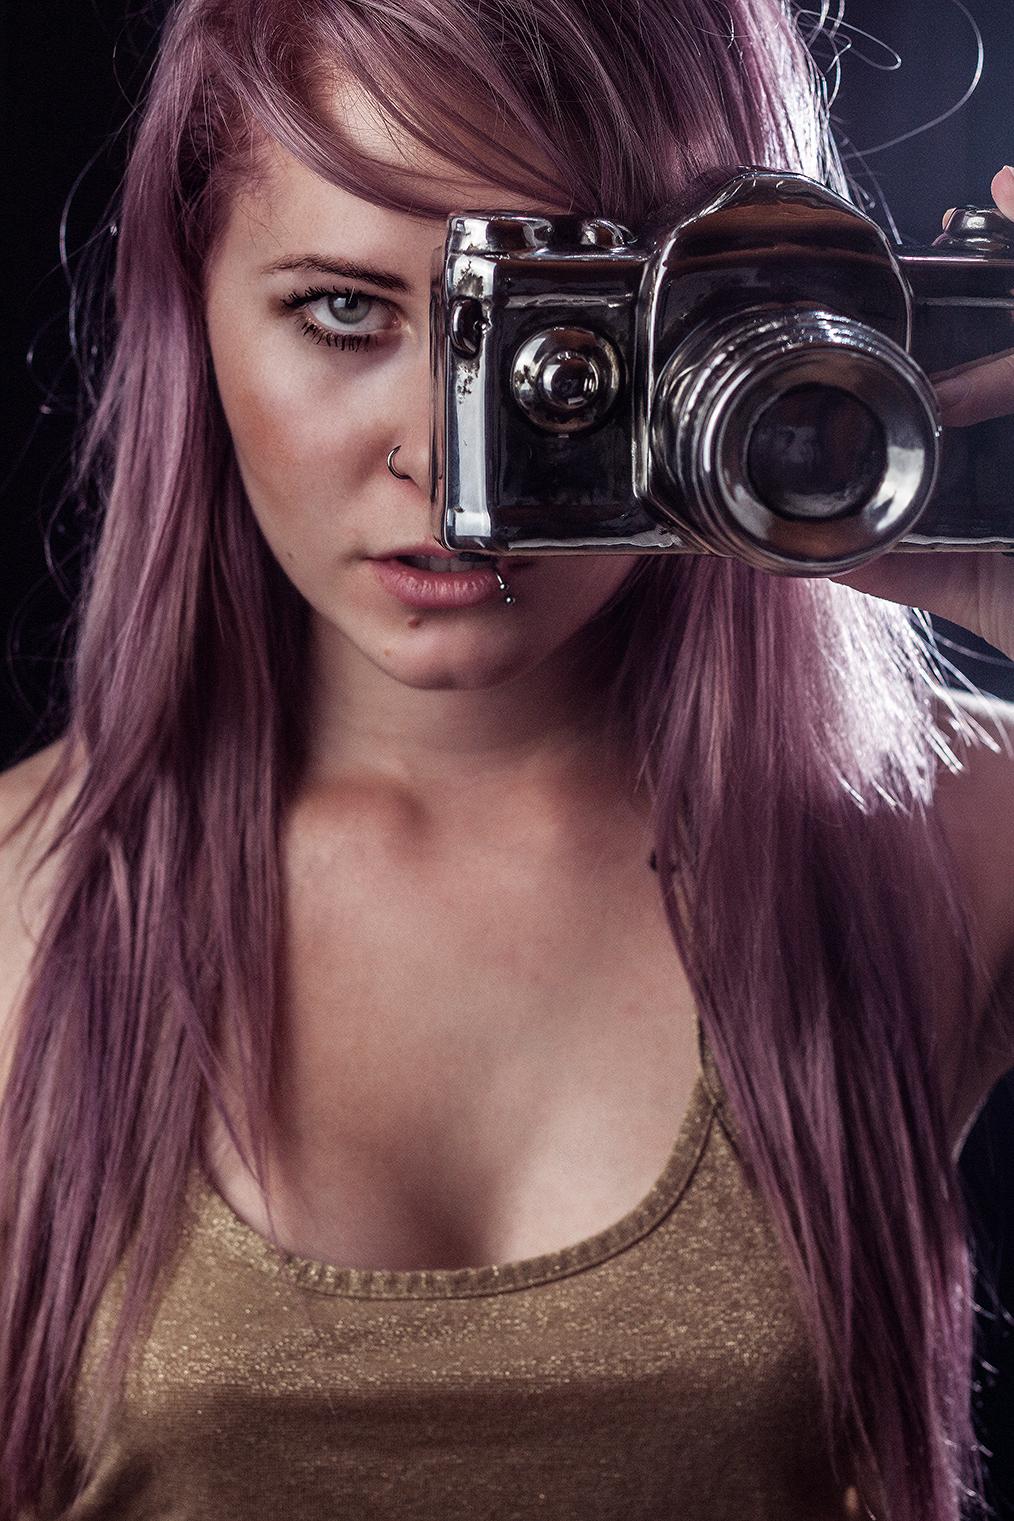 frau mit lila haaren und kamera in der hand